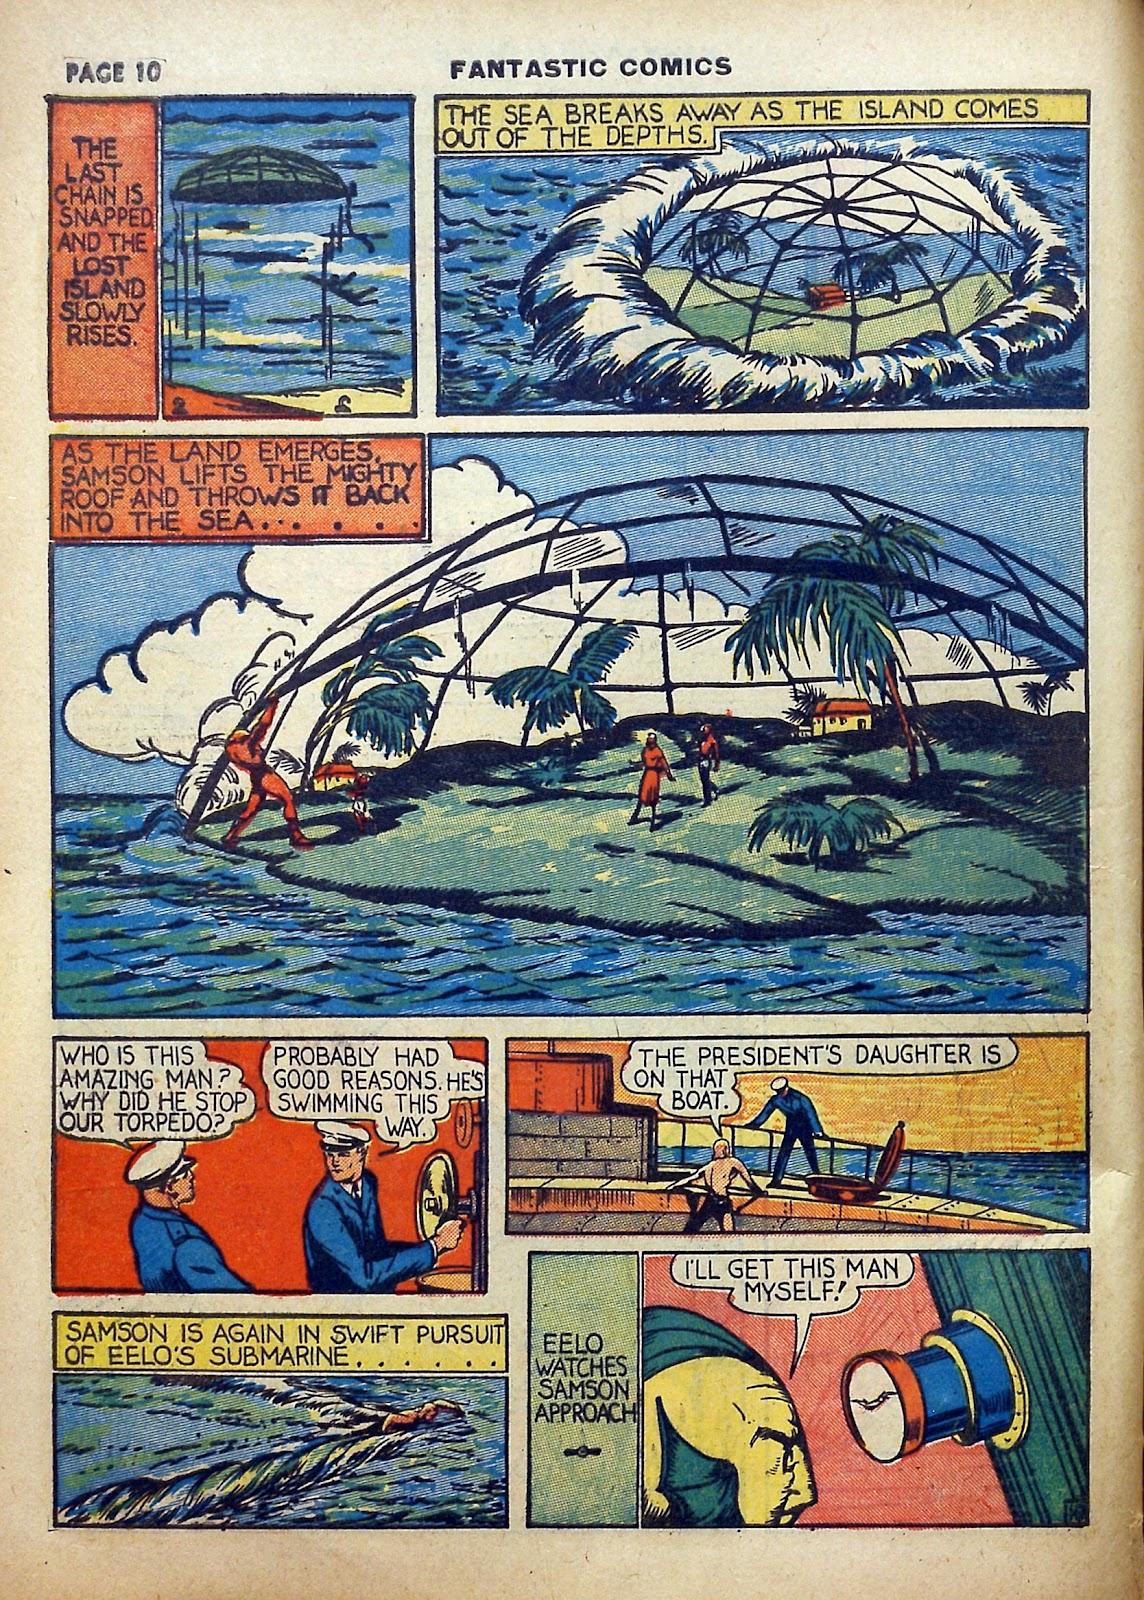 Read online Fantastic Comics comic -  Issue #5 - 11